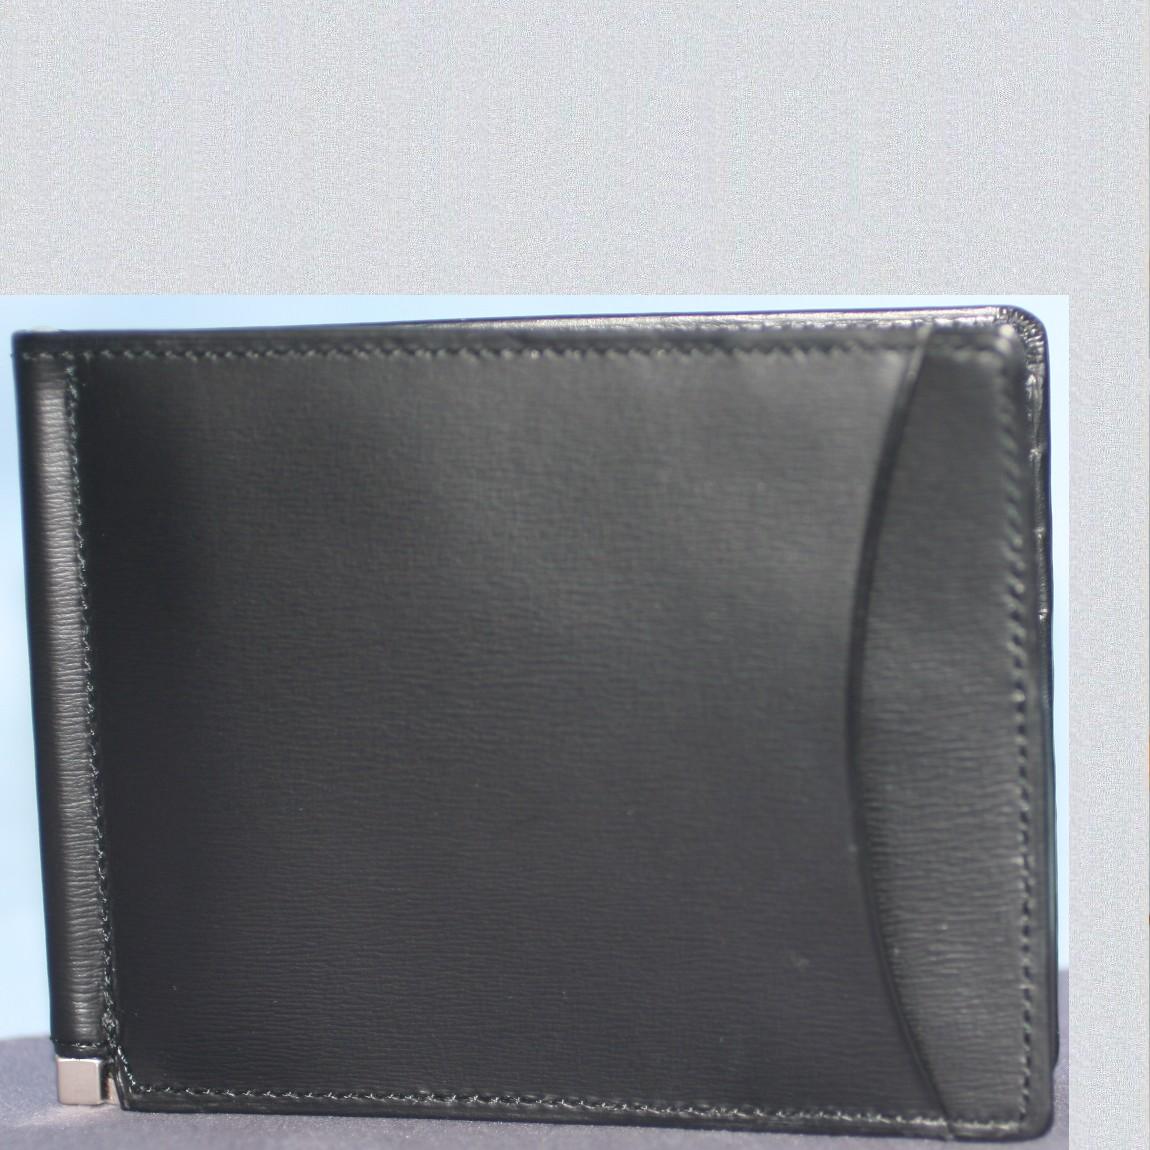 【中古】新品未使用二宮五郎作紳士用黒天然革素材2つ折札ばさみ式お財布プレゼントに最適